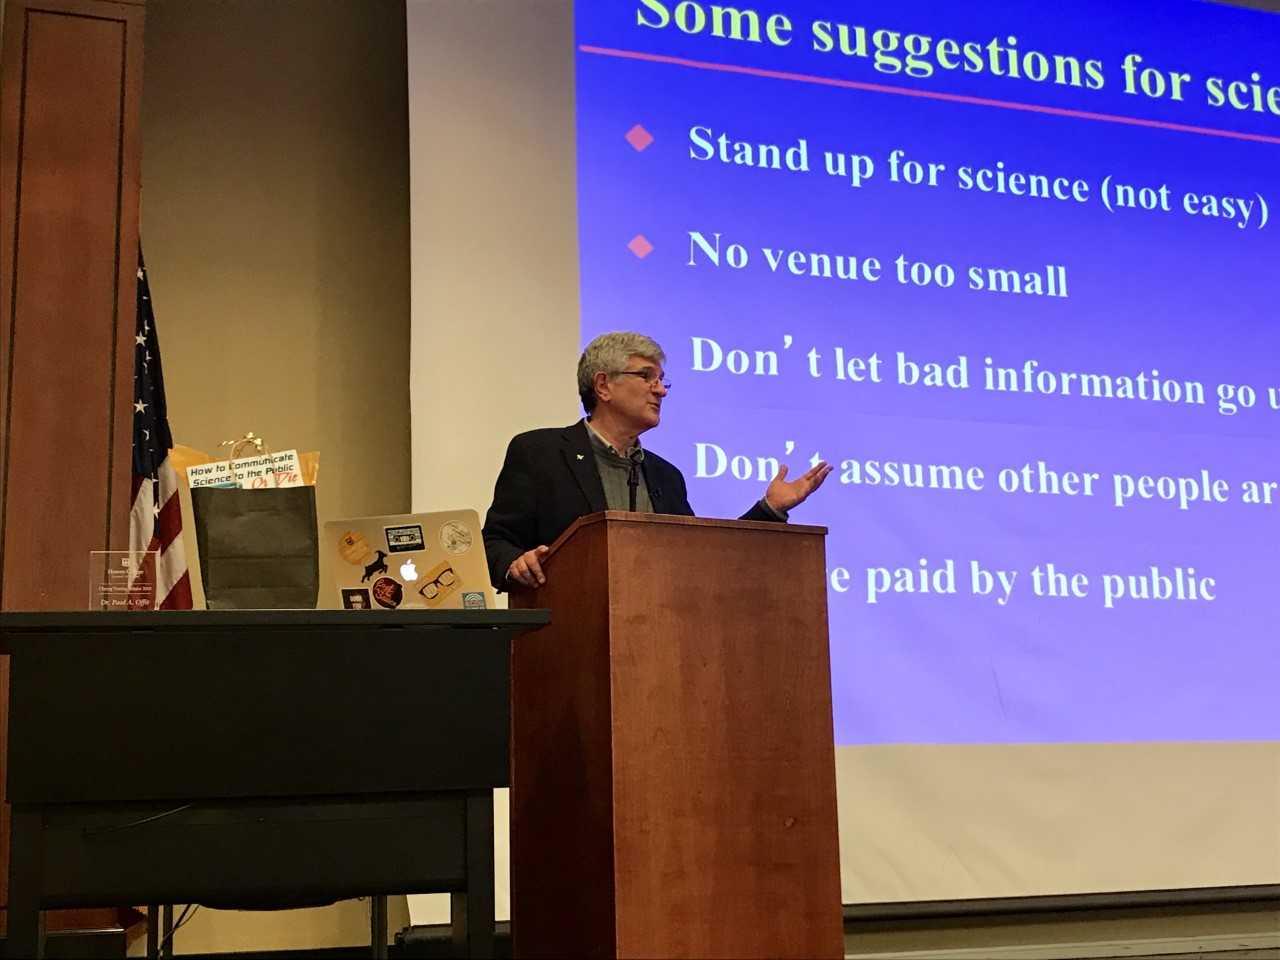 Dr. Offit lecture